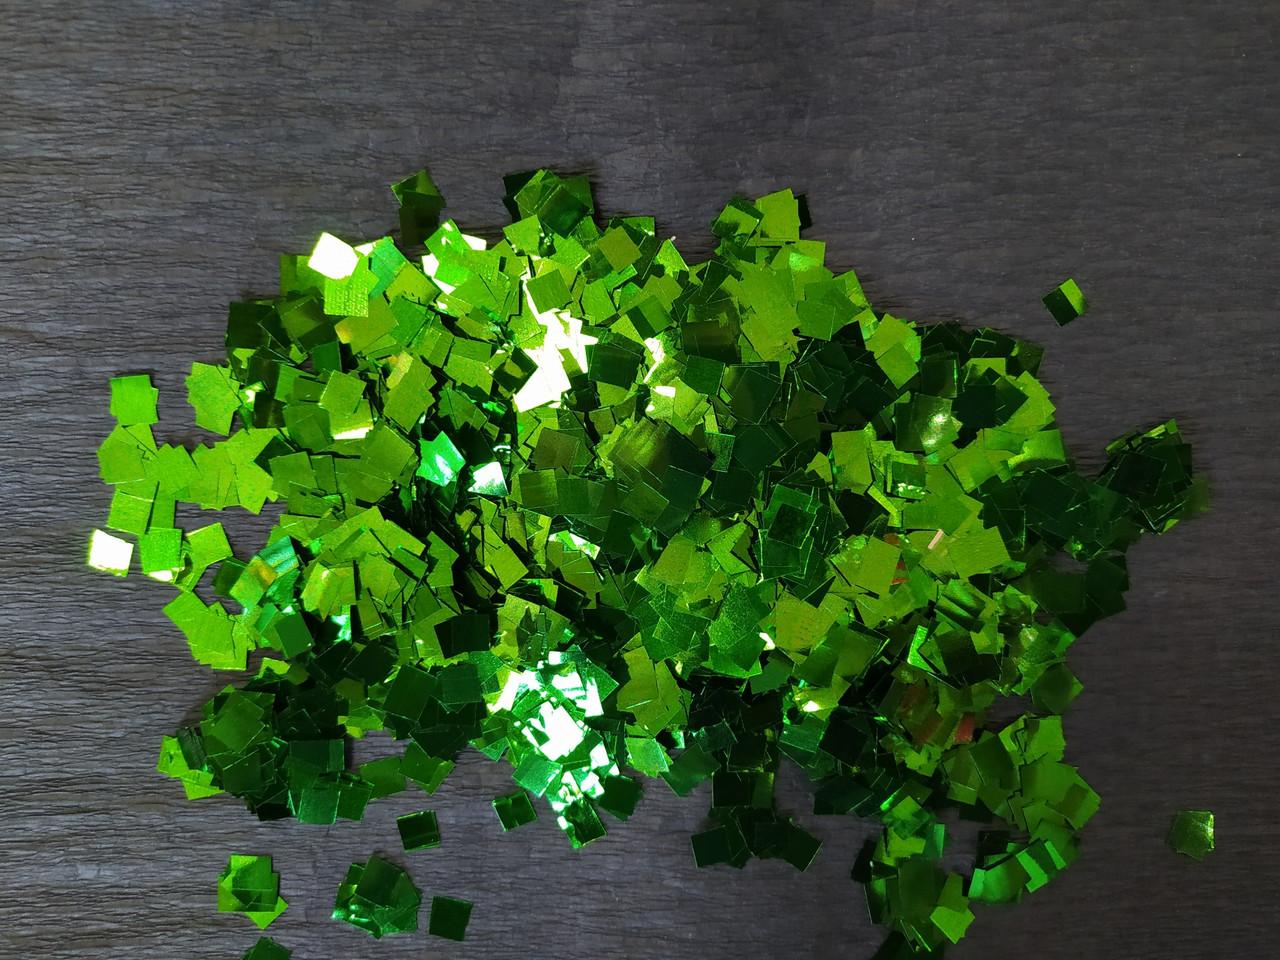 Аксесуари для свята конфеті квадратики зелений металік 50 грам